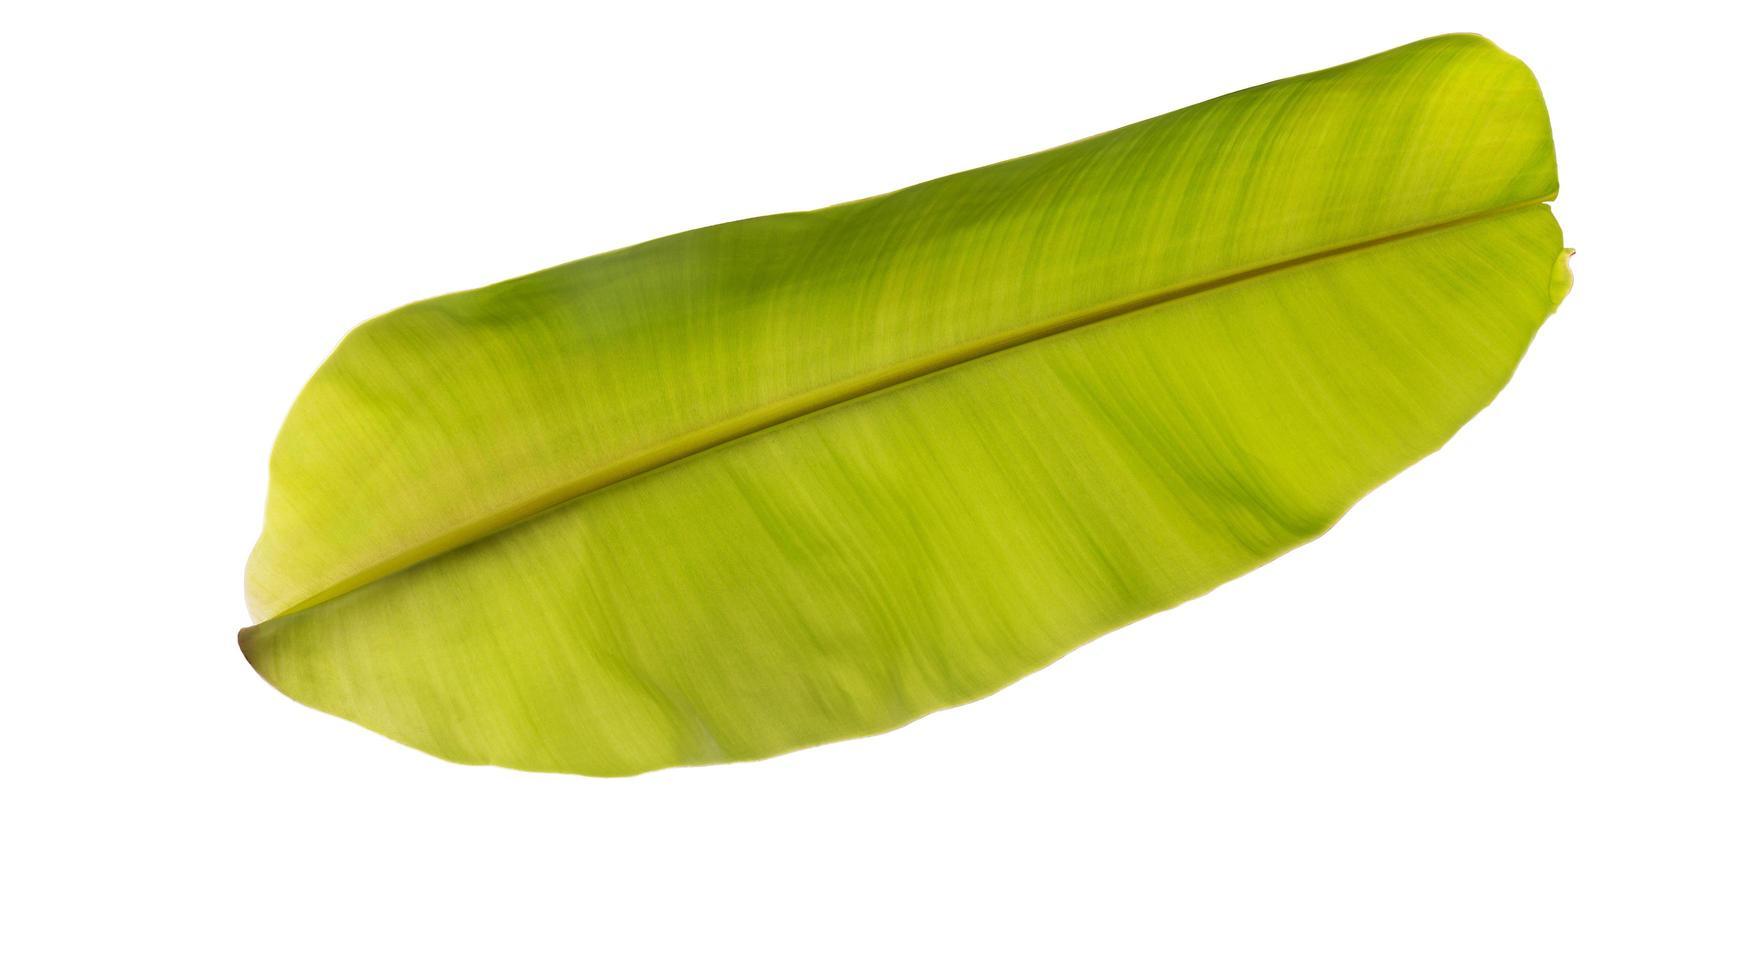 groen bananenblad op wit foto